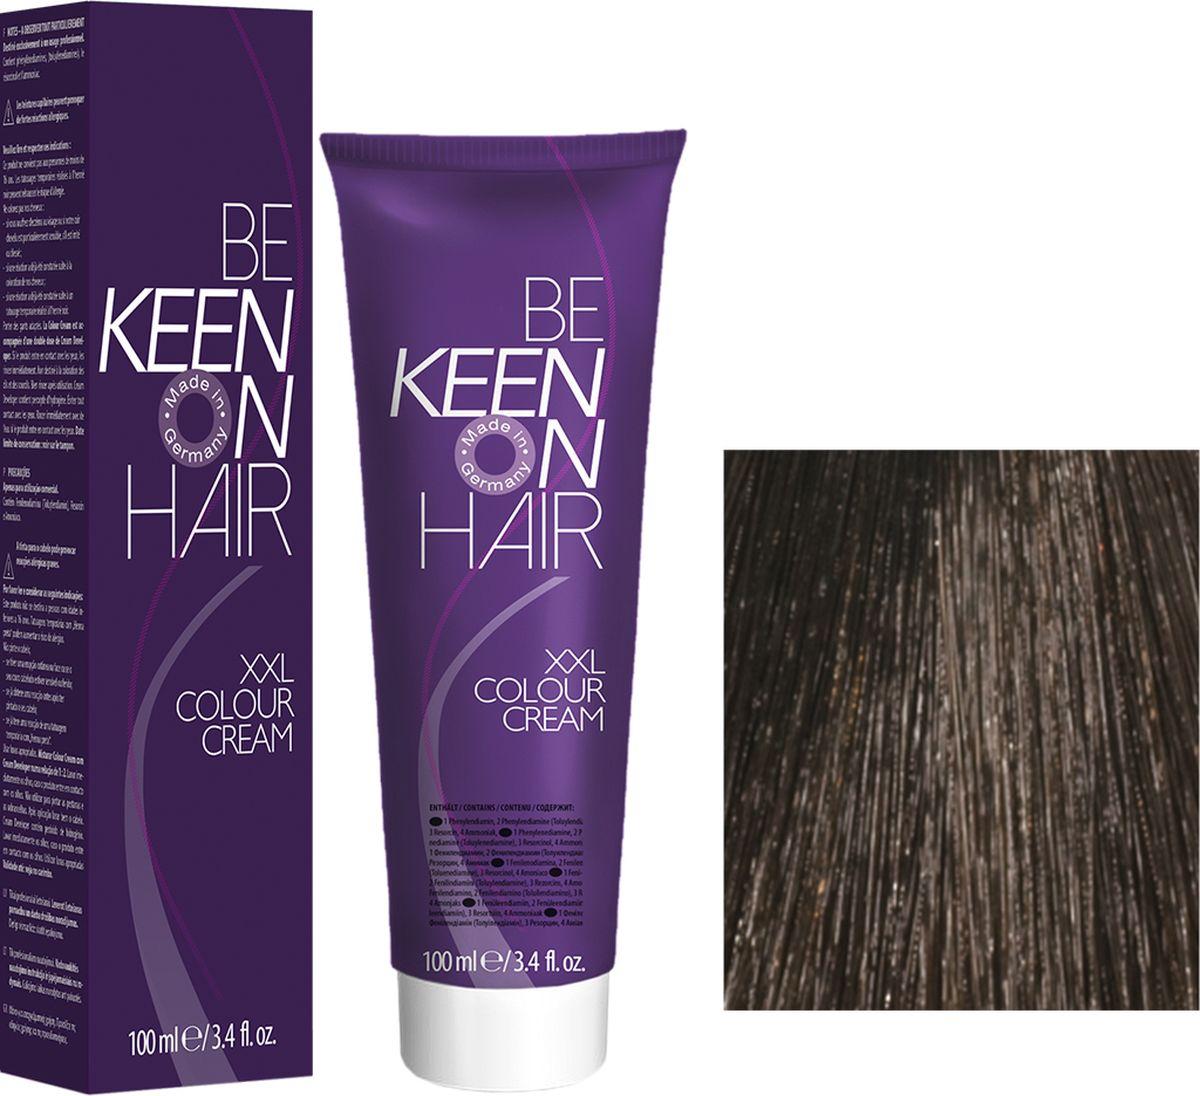 Keen Краска для волос 5.00+ Интенсивынй светло-коричневый Hellbraun +, 100 мл69100019Модные оттенкиБолее 100 оттенков для креативной комбинации цветов.ЭкономичностьПри использовании тюбика 100 мл вы получаете оптимальное соотношение цены и качества!УходМолочный белок поддерживает структуру волоса во время окрашивания и придает волосам блеск и шелковистость. Протеины хорошо встраиваются в волосы и снабжают их влагой.